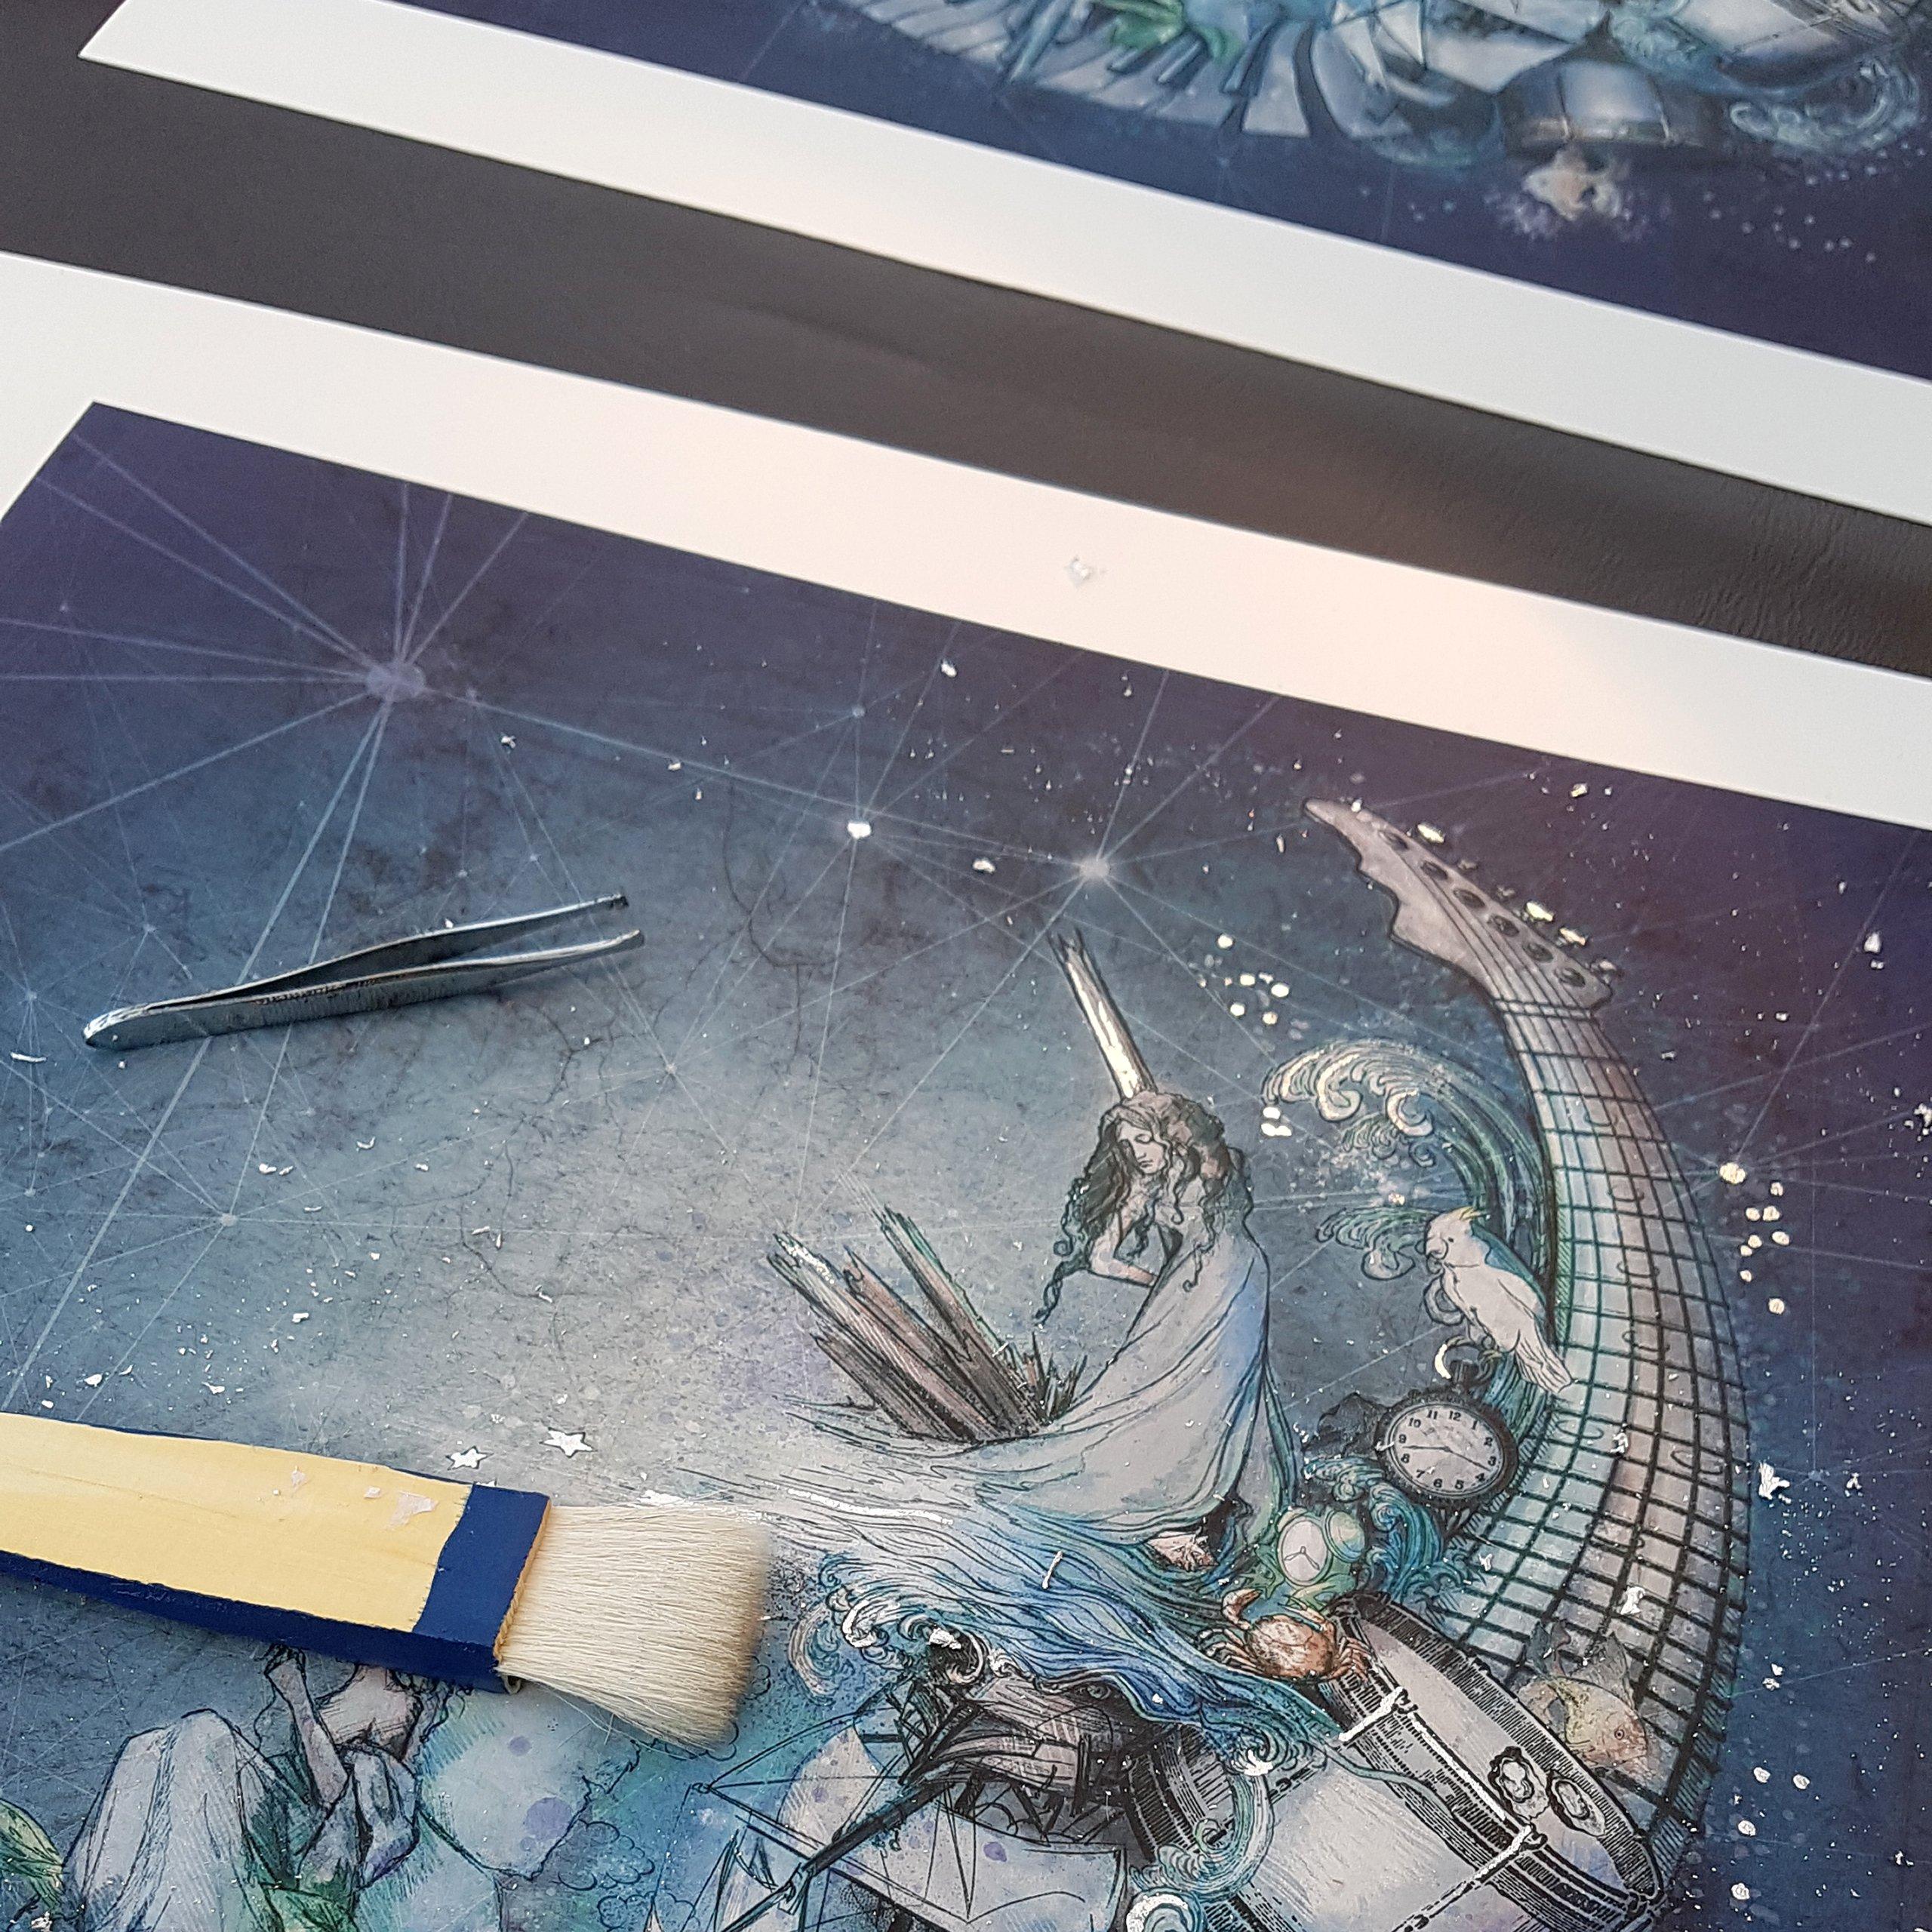 Embellishing my Ltd Ed prints with silver leaf